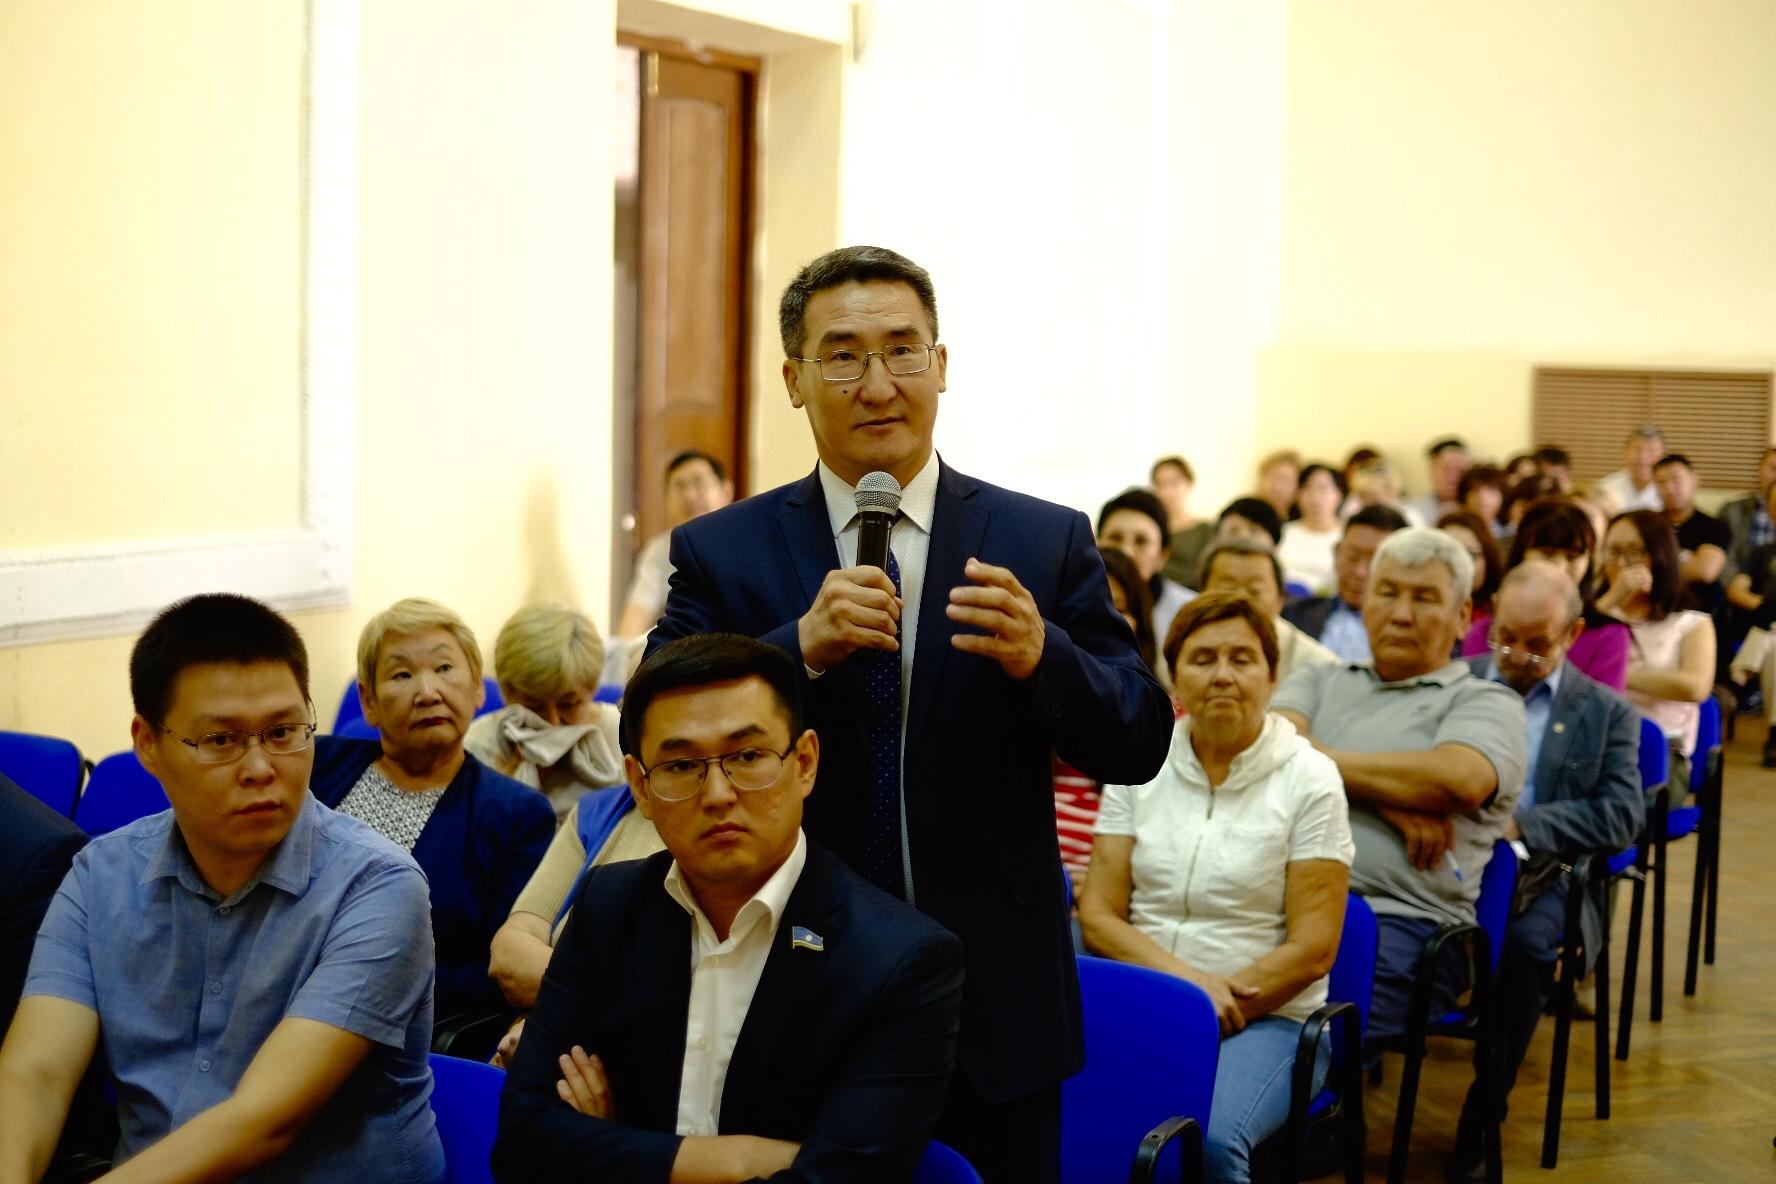 Судьбу земельного участка в 79 квартале Якутска должны решить сами горожане